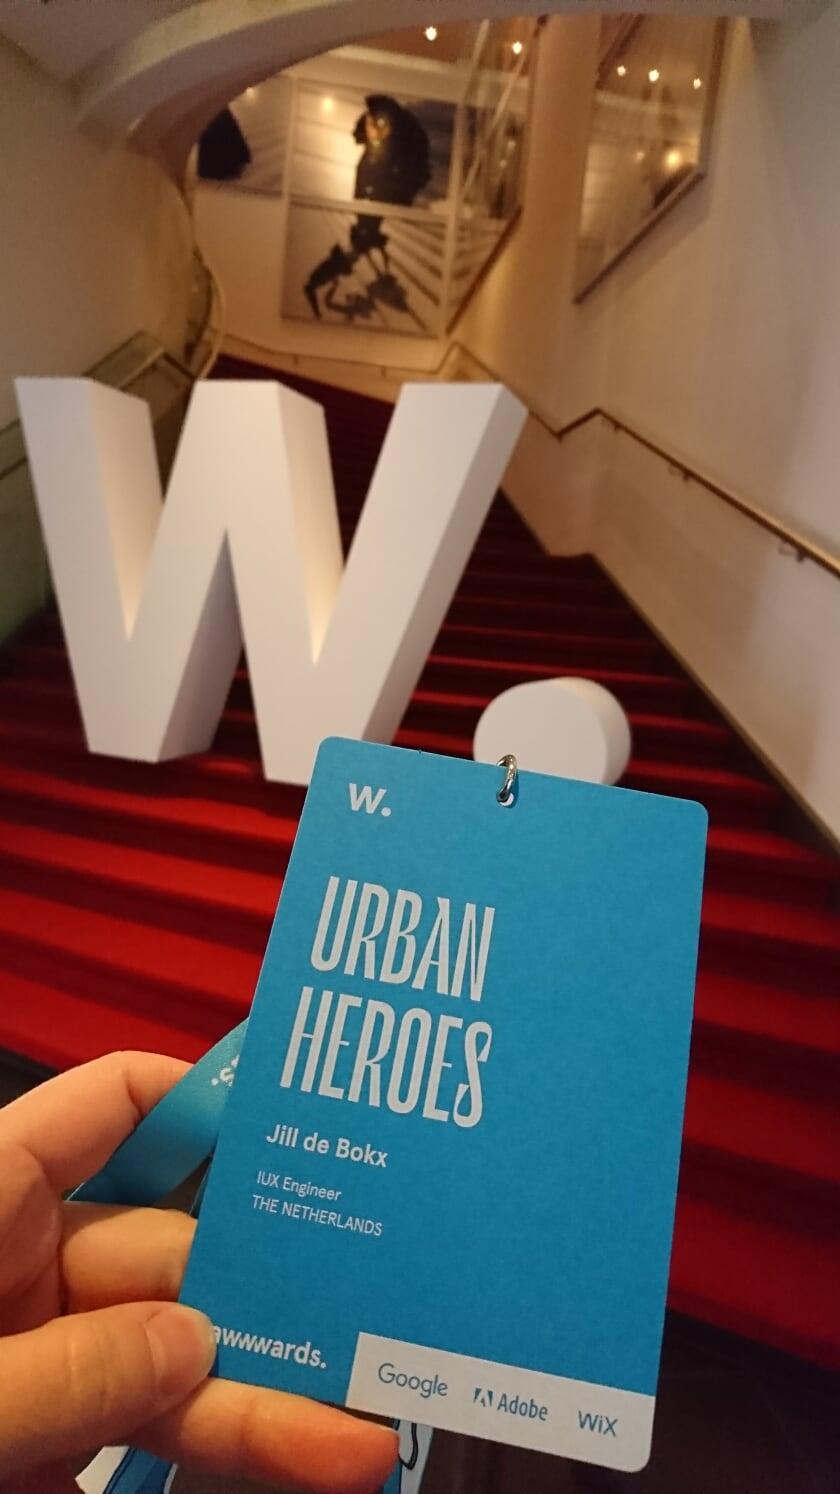 Urban heroes op awwwards .jpg